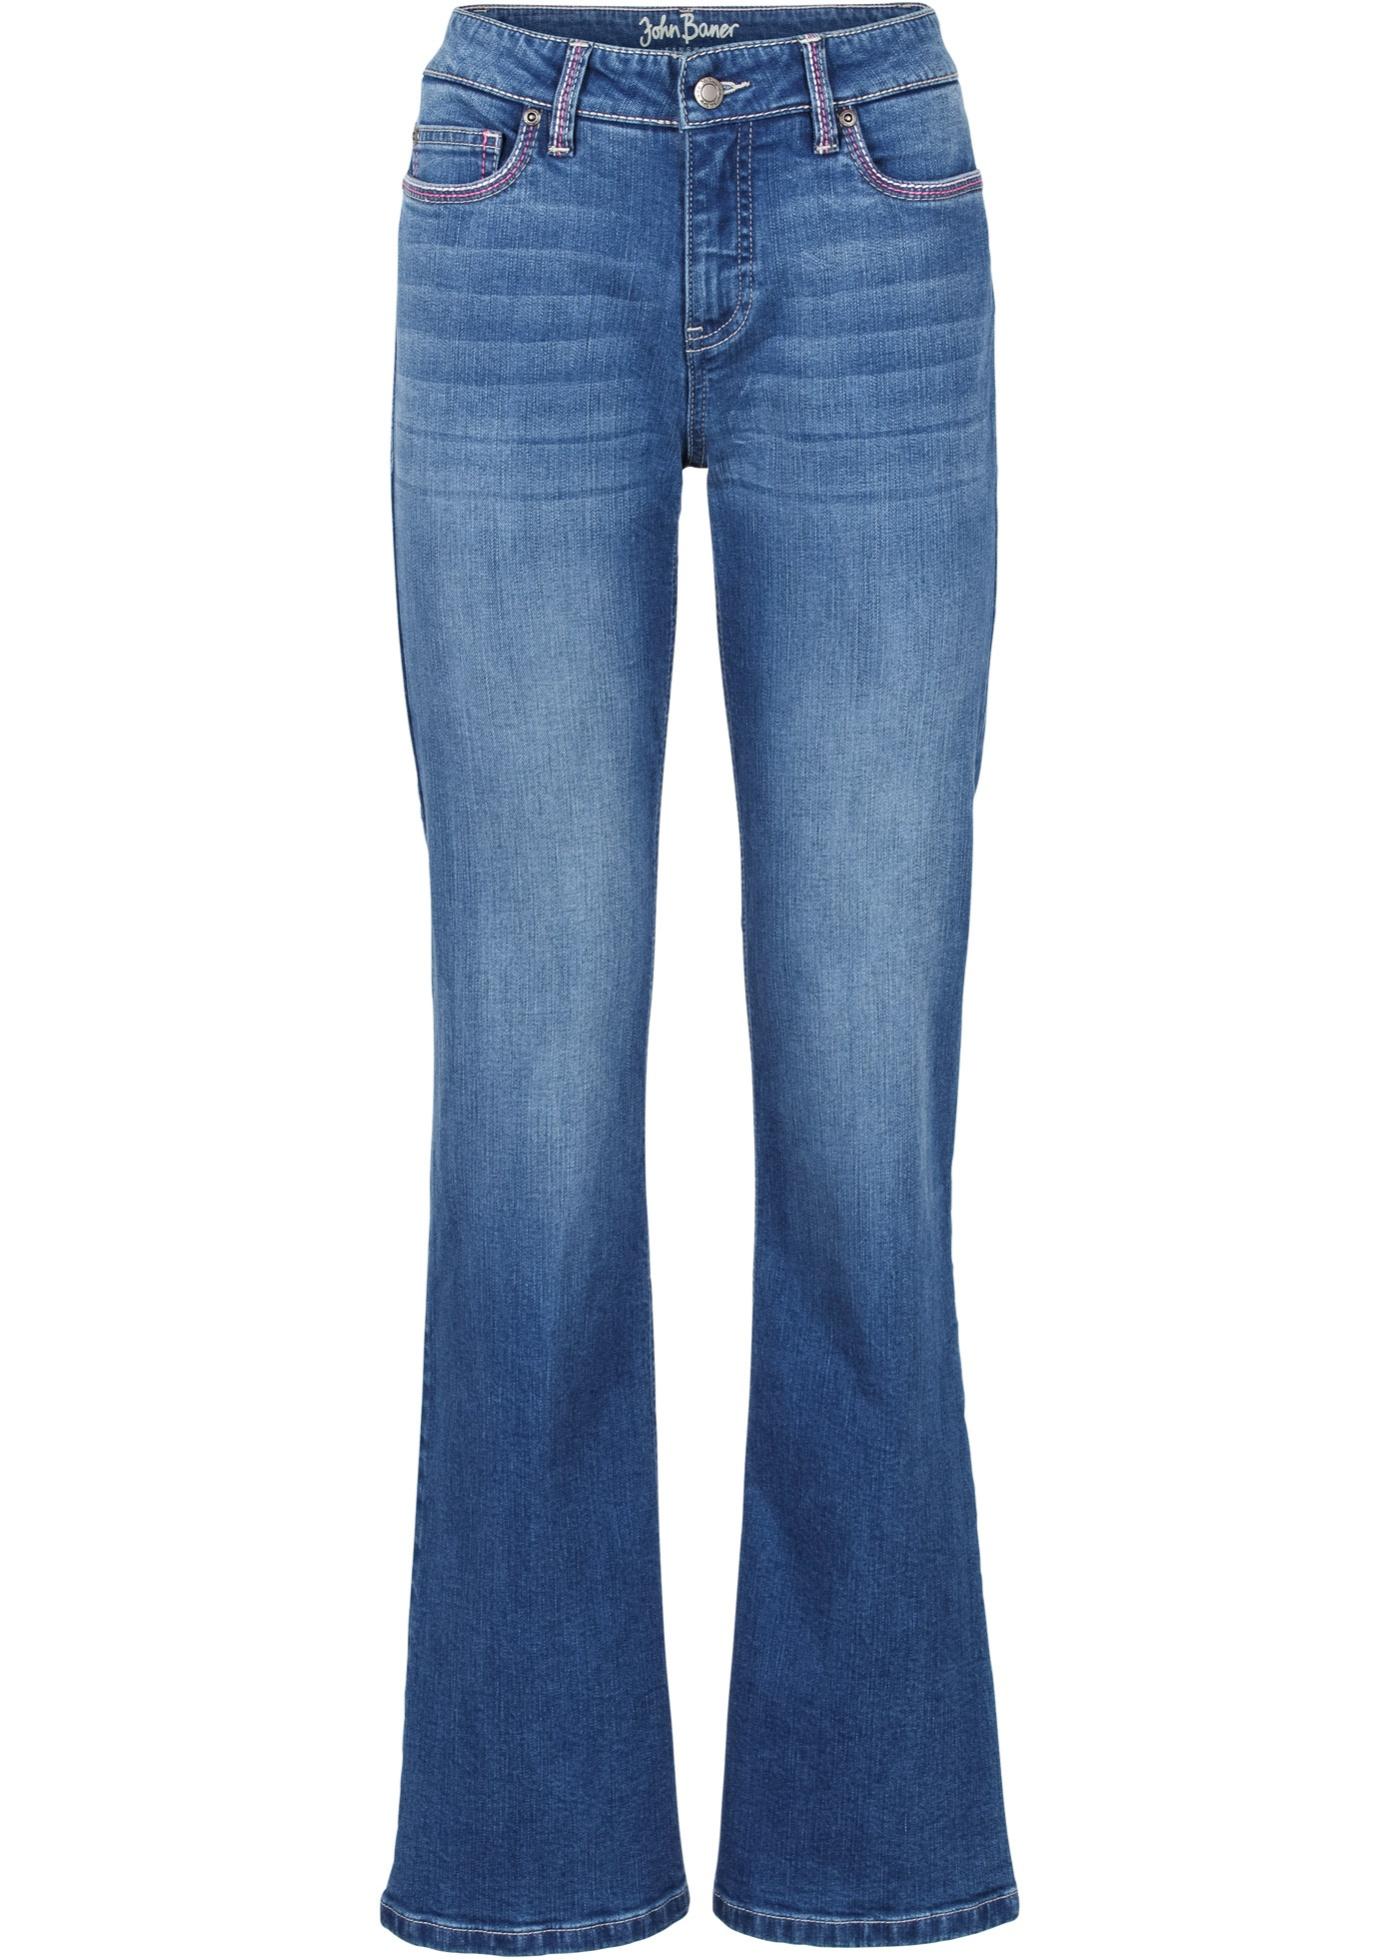 jeans mit dicken n hten preisvergleiche. Black Bedroom Furniture Sets. Home Design Ideas